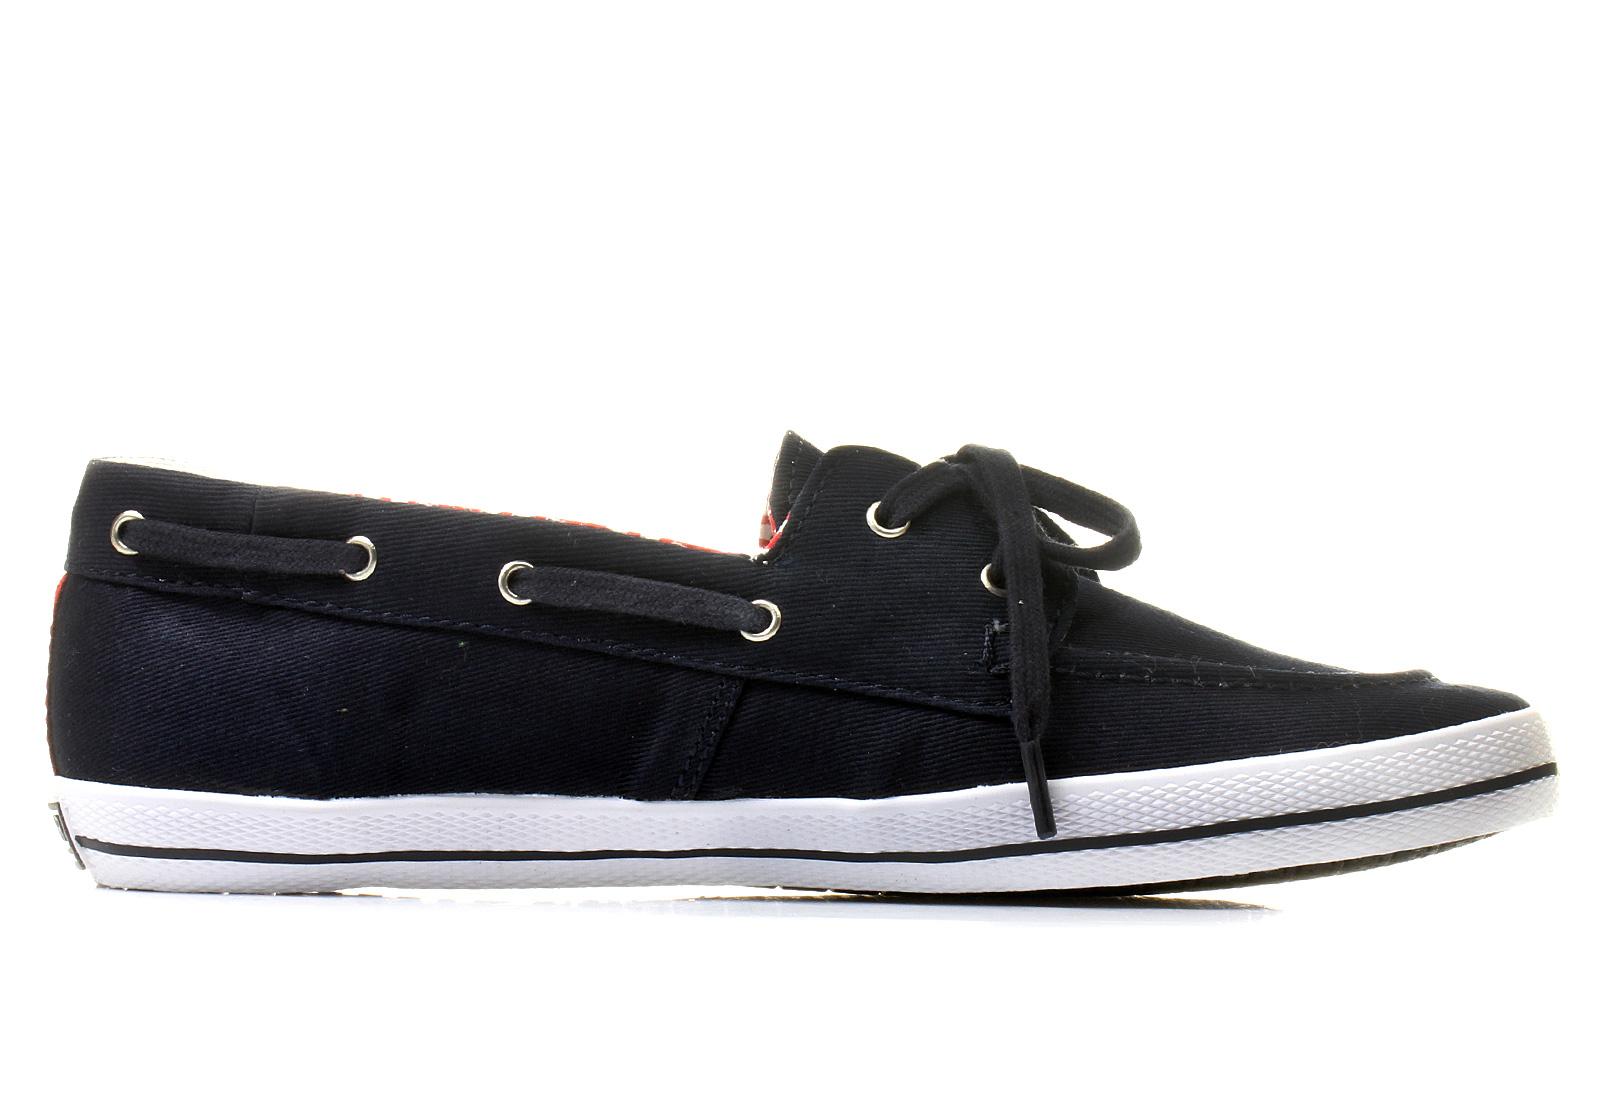 954c4075a994 Tommy Hilfiger Shoes - Victoria 11d - 14S-6881-403 - Online shop for ...